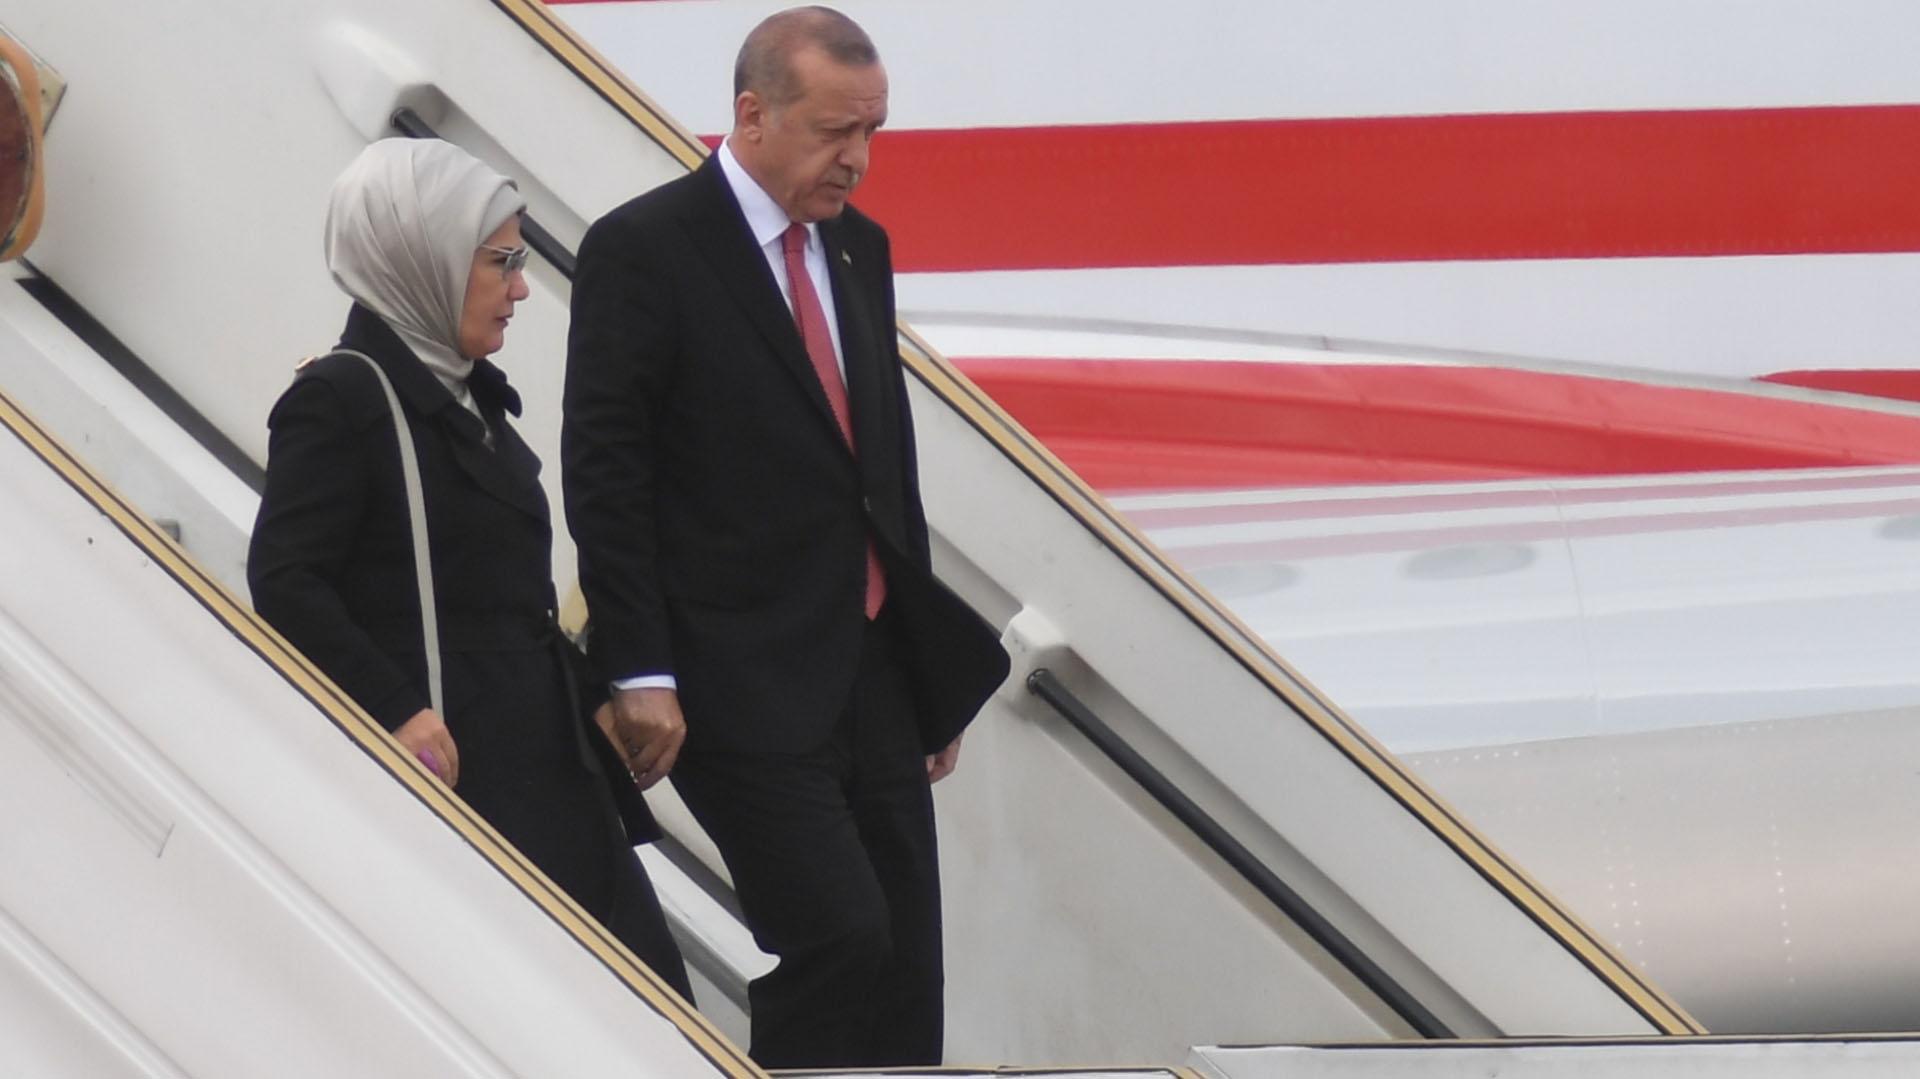 El mandatario llegó acompañado de su esposa, Emine Erdoğan